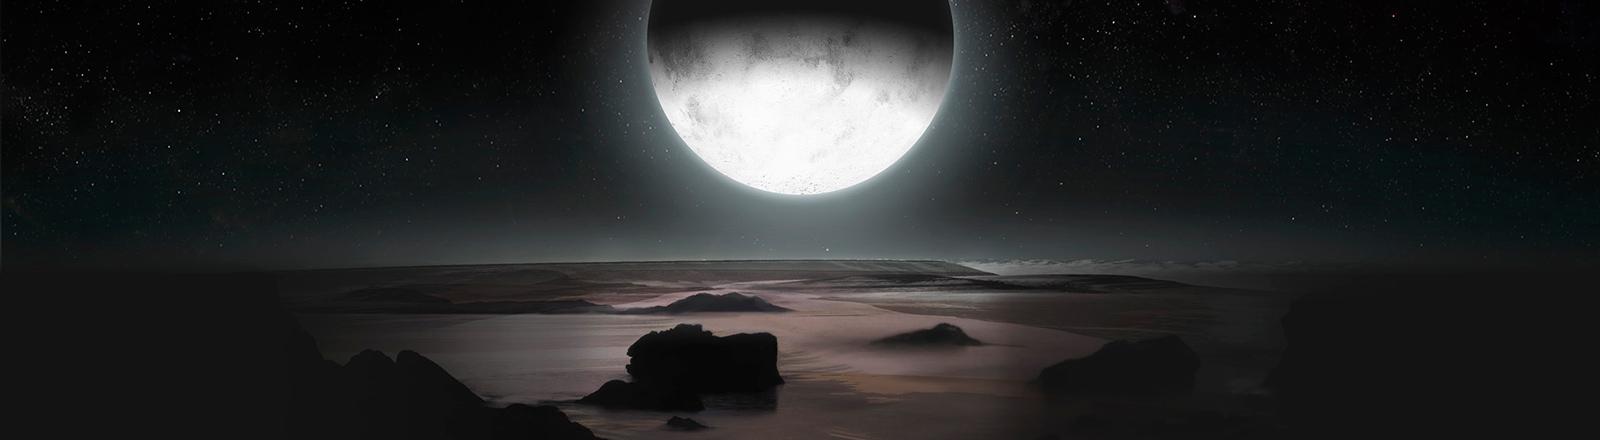 Eisiger Winter auf dem Pluto. Das einzige Licht kommt von den Sternen und dem Mond Charon.